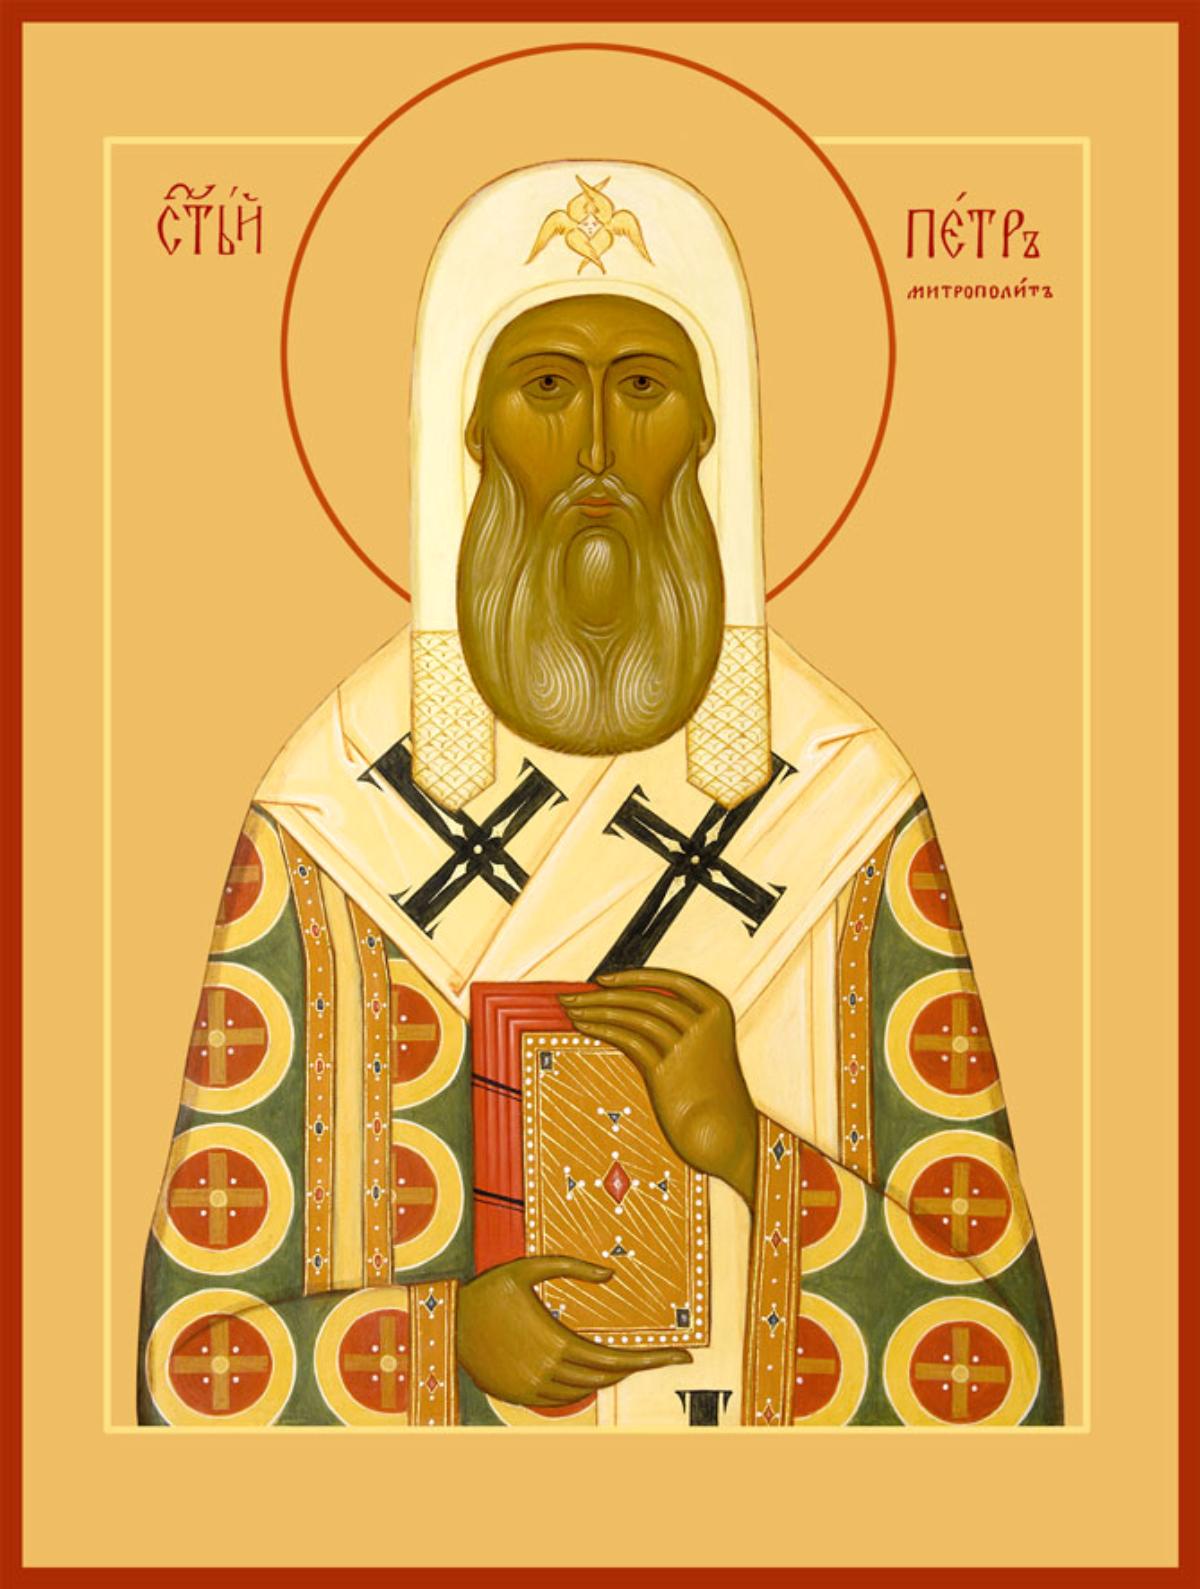 Перенесение мощей святителя Петра, митрополита Московского